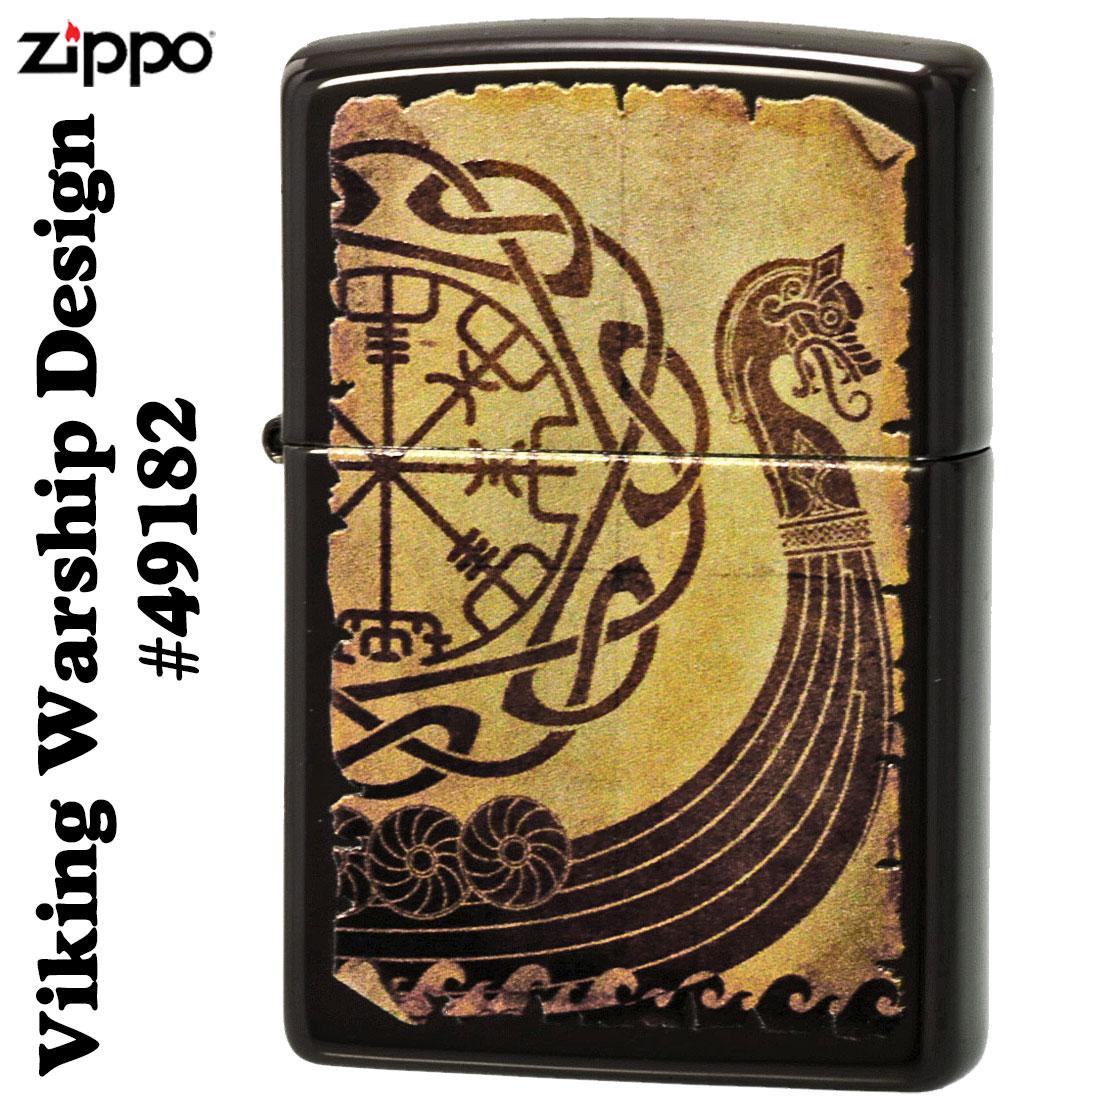 ZIPPO/Viking Warship Design #49182画像